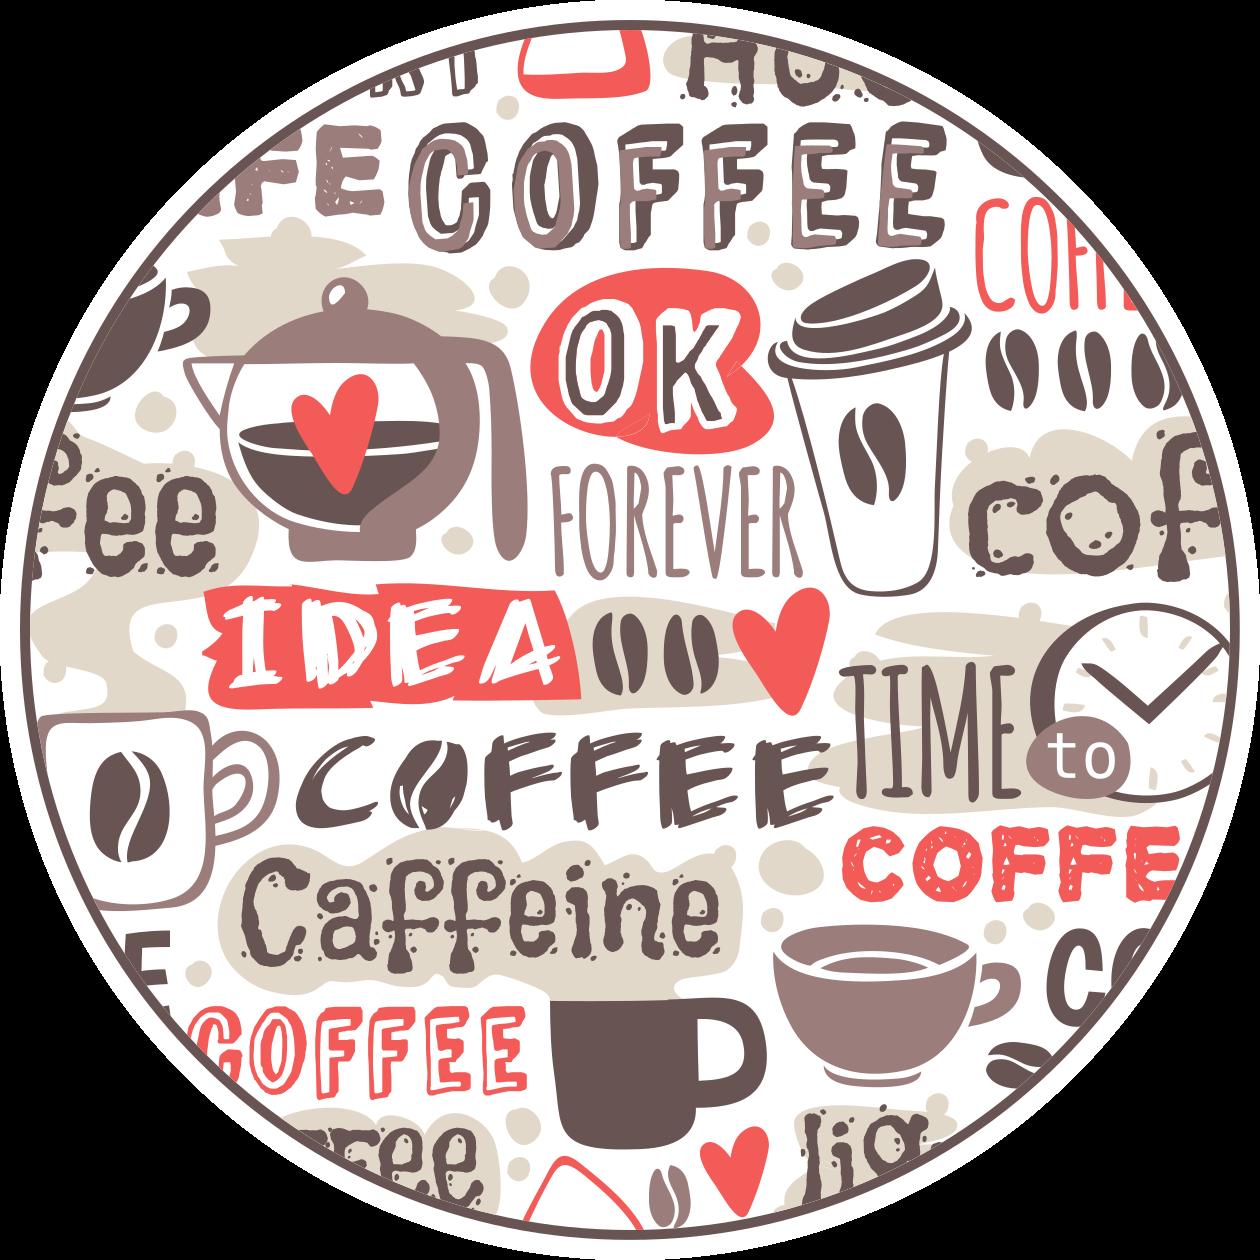 TenVinilo. Alfombra vinilo cocina textos de café. Alfombra vinilo cocina con temática de café que presenta varios textos relacionados con el café, incluidos 'café' ¡Envío a domicilio!